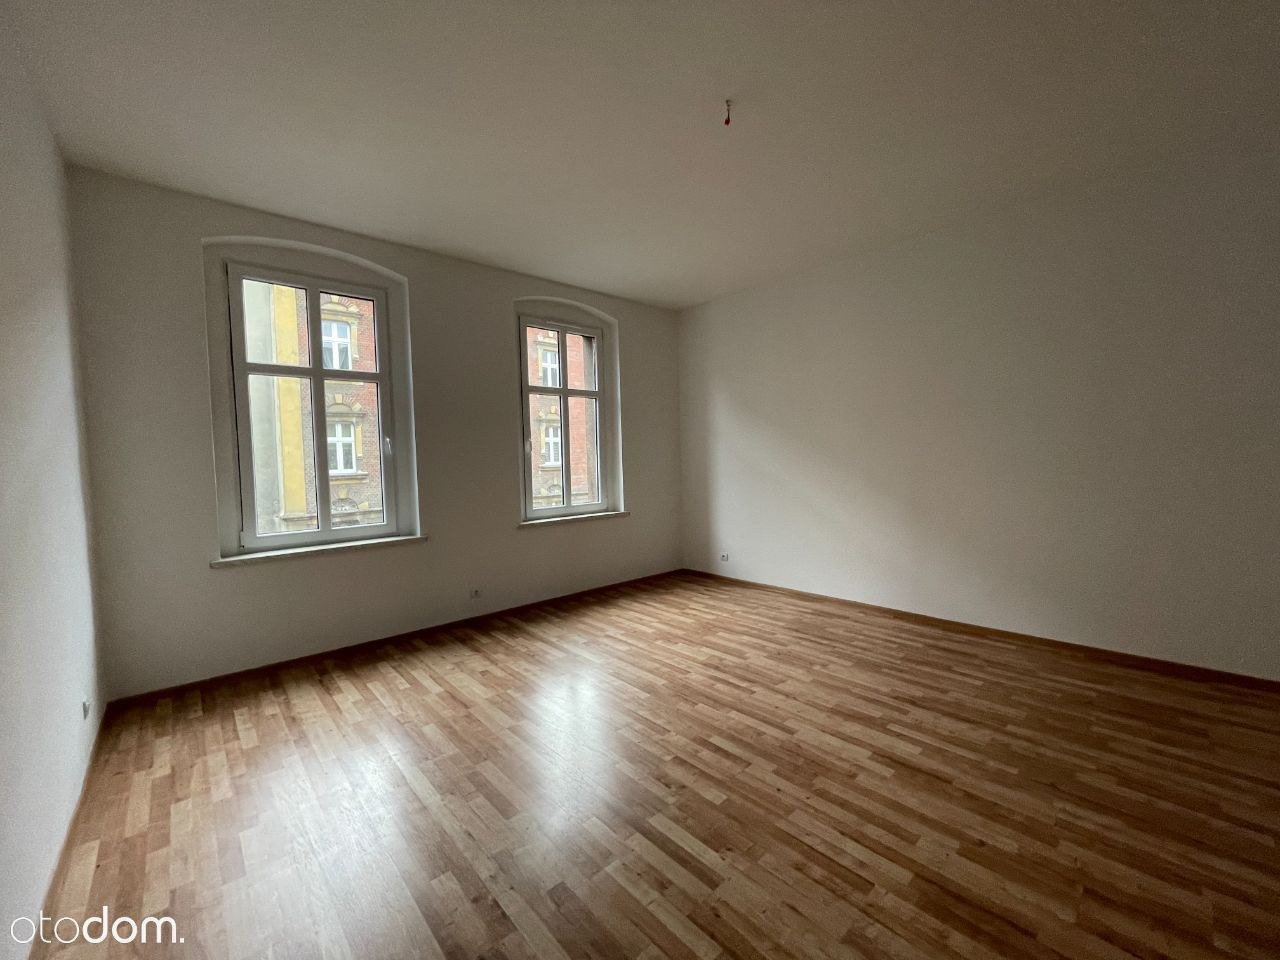 Nowa inwestycja! Mieszkanie 50m2 centrum Katowic